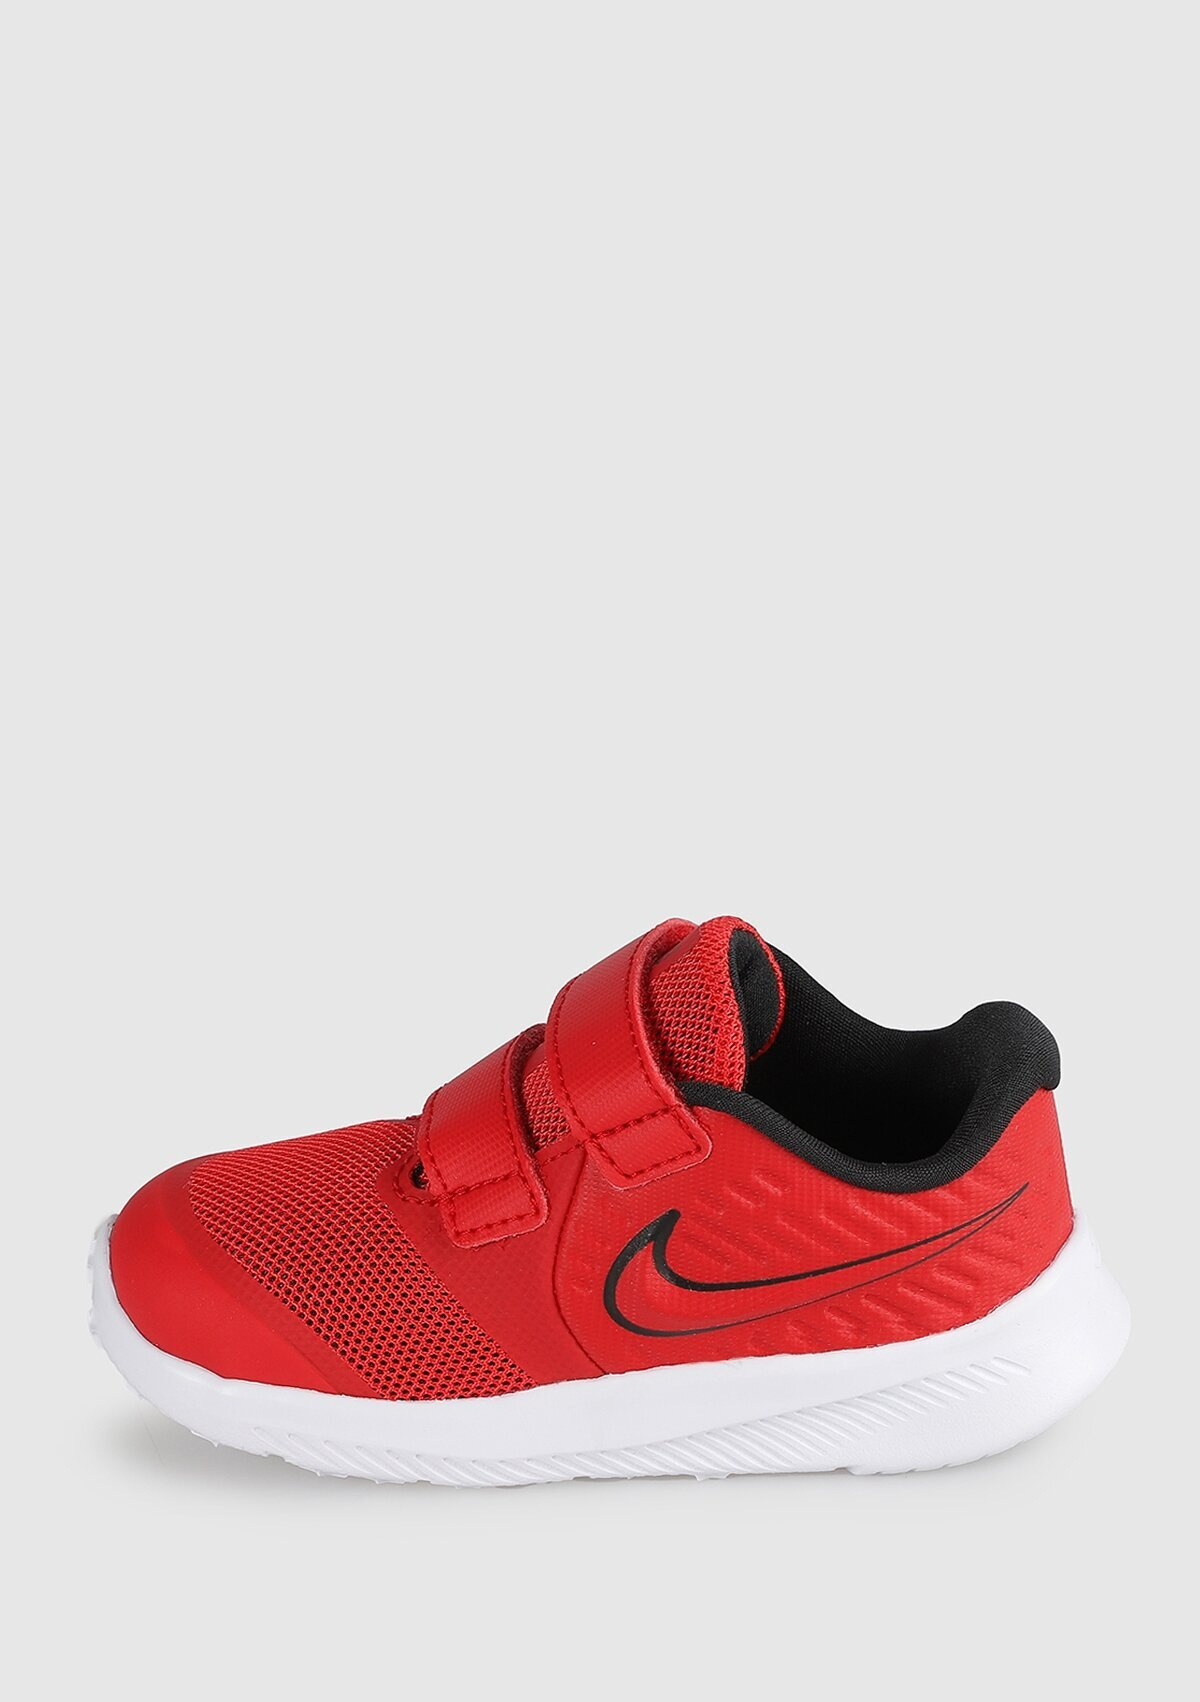 resm Star Runner 2 Kırmızı Unisex Koşu Ayakkabısı At1803-600